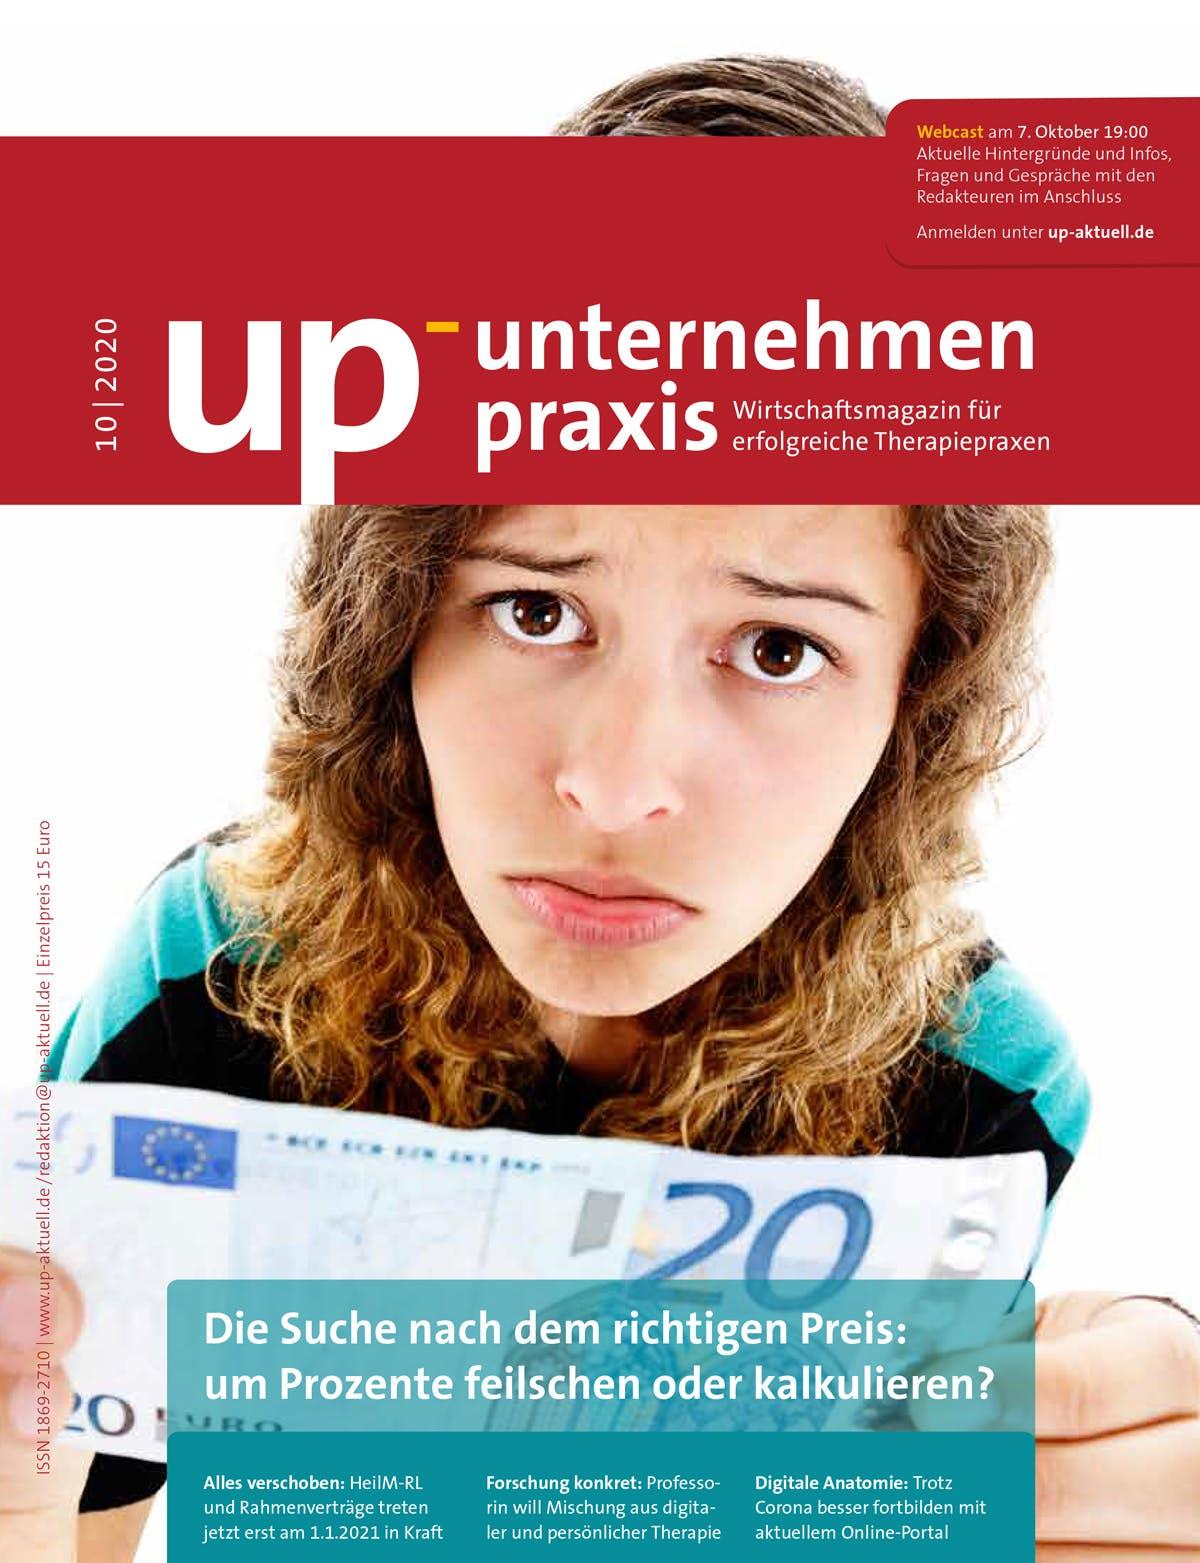 Ausgabe 10/2020 – Die Suche nach dem richtigen Preis: um Prozente feilschen oder kalkulieren?